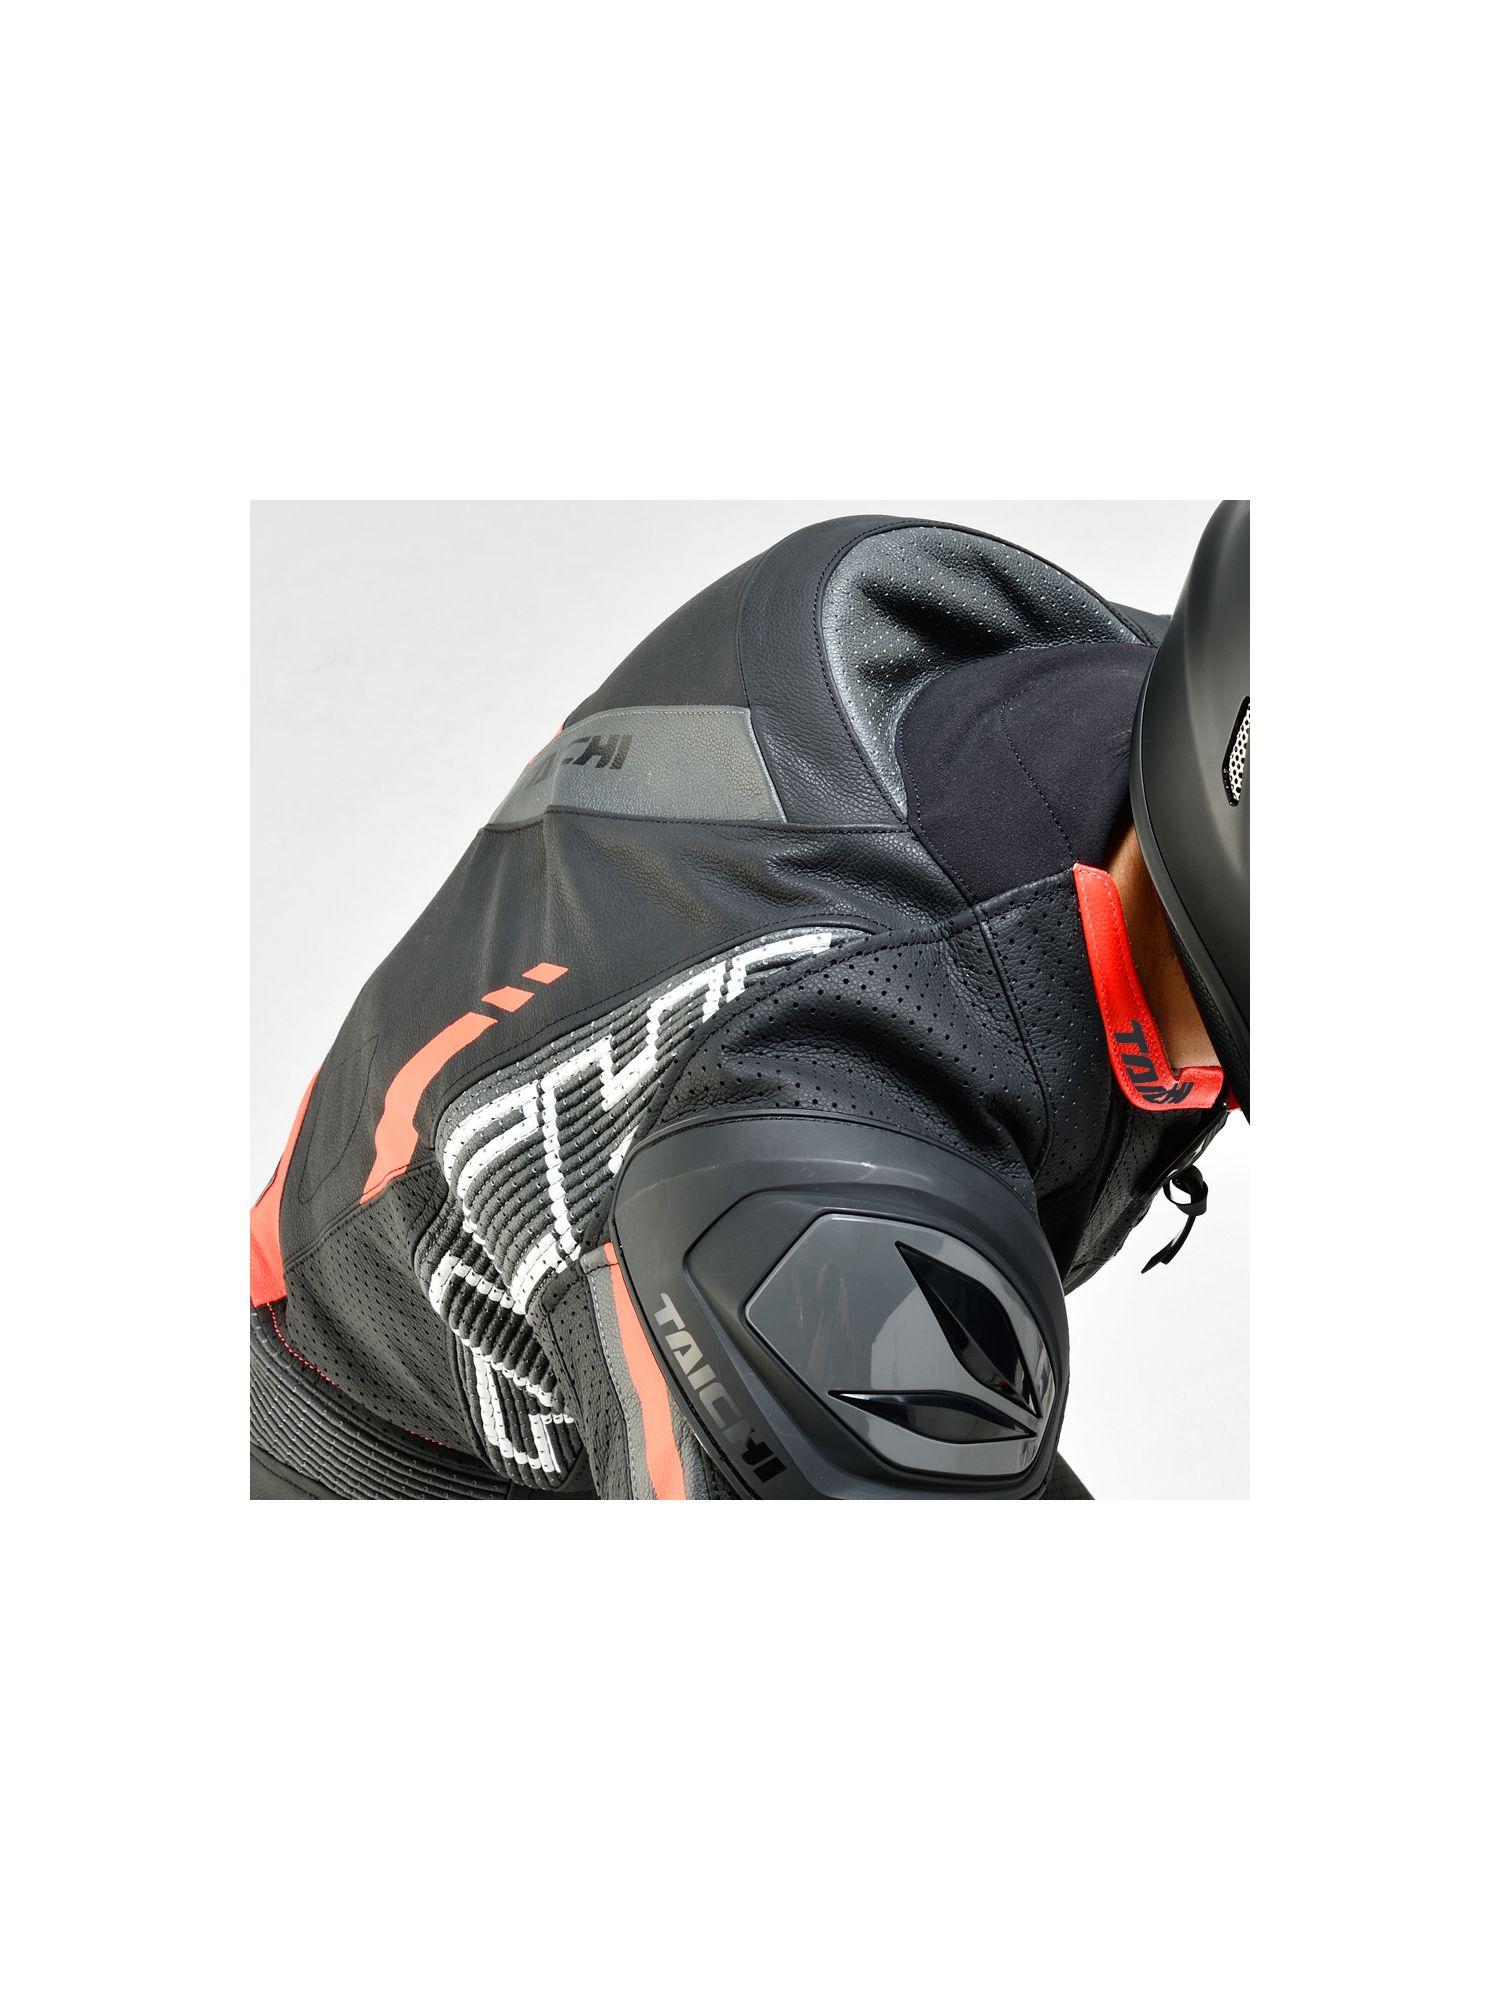 NXL305 | GP-WRX R305 RACING SUIT[5colors]